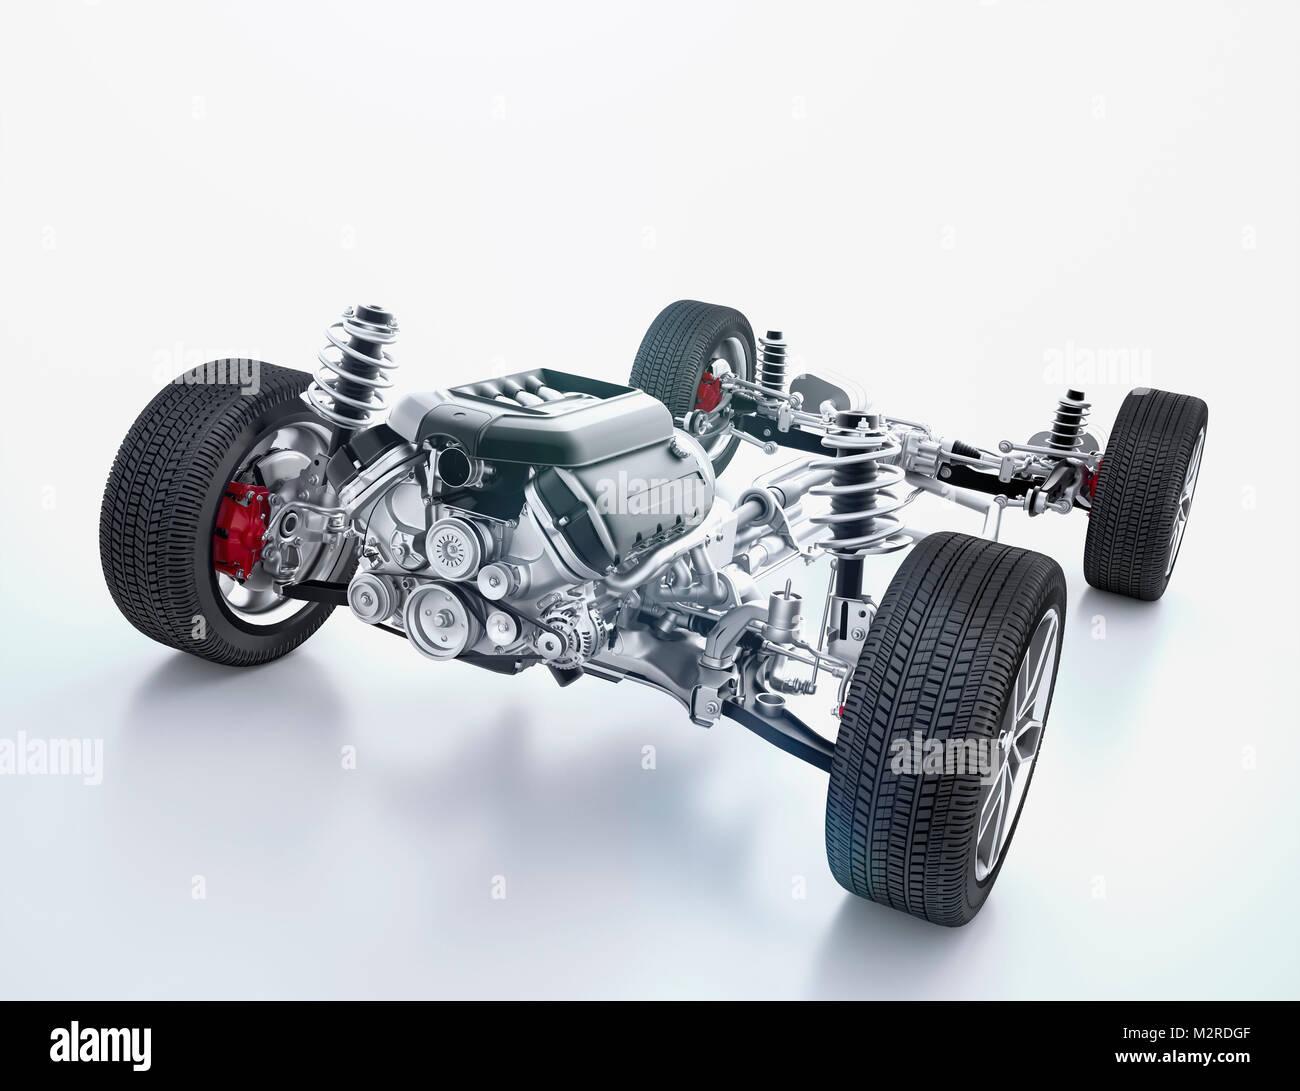 [M] CGI, 3-D, Computer Graphics eines Polygons Modell, das Chassis eines Rennwagens Stockbild